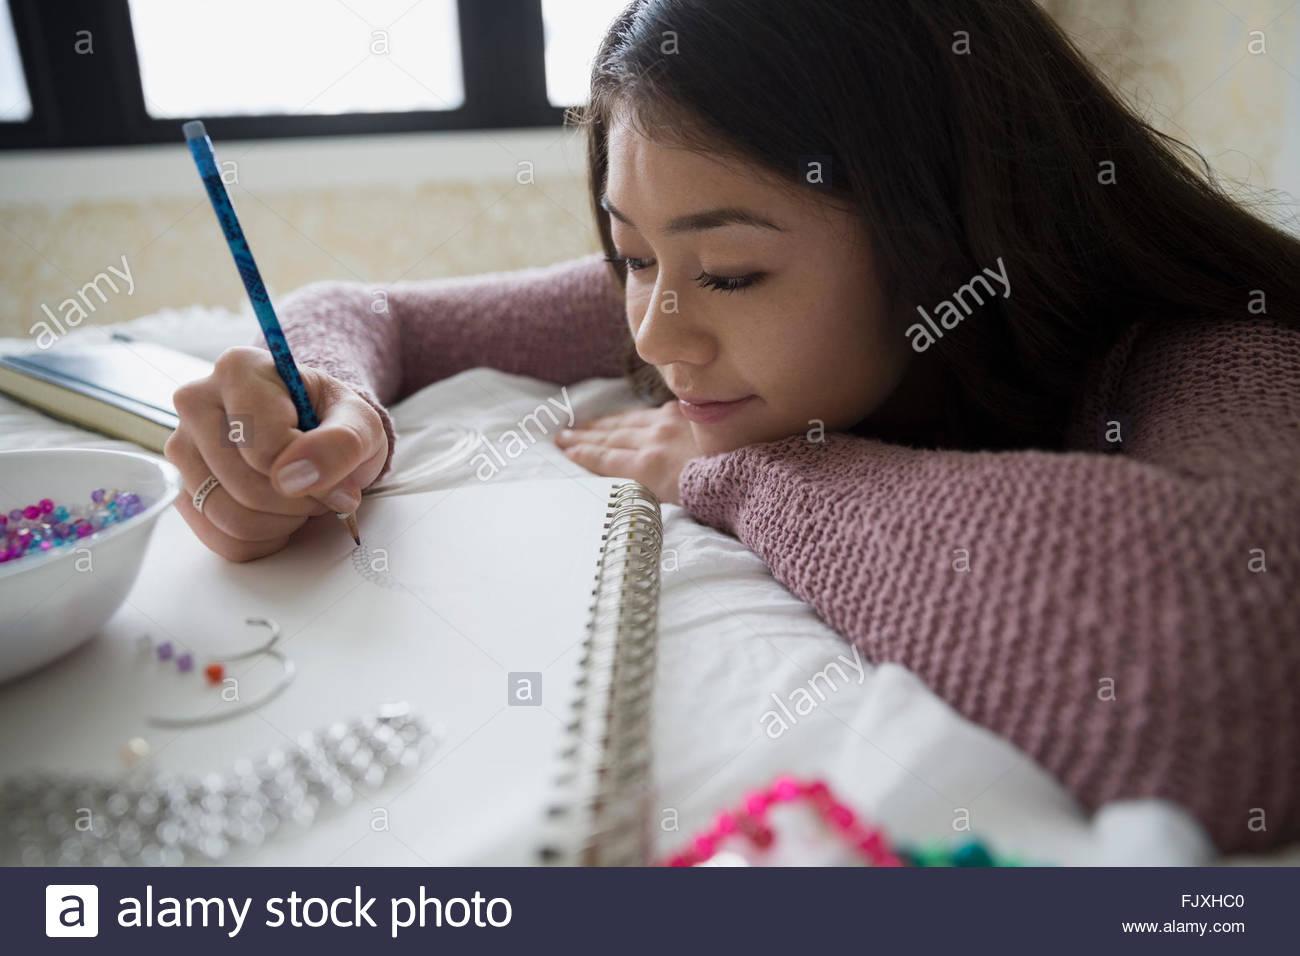 Adolescente à dessiner et à fabriquer des bijoux Photo Stock